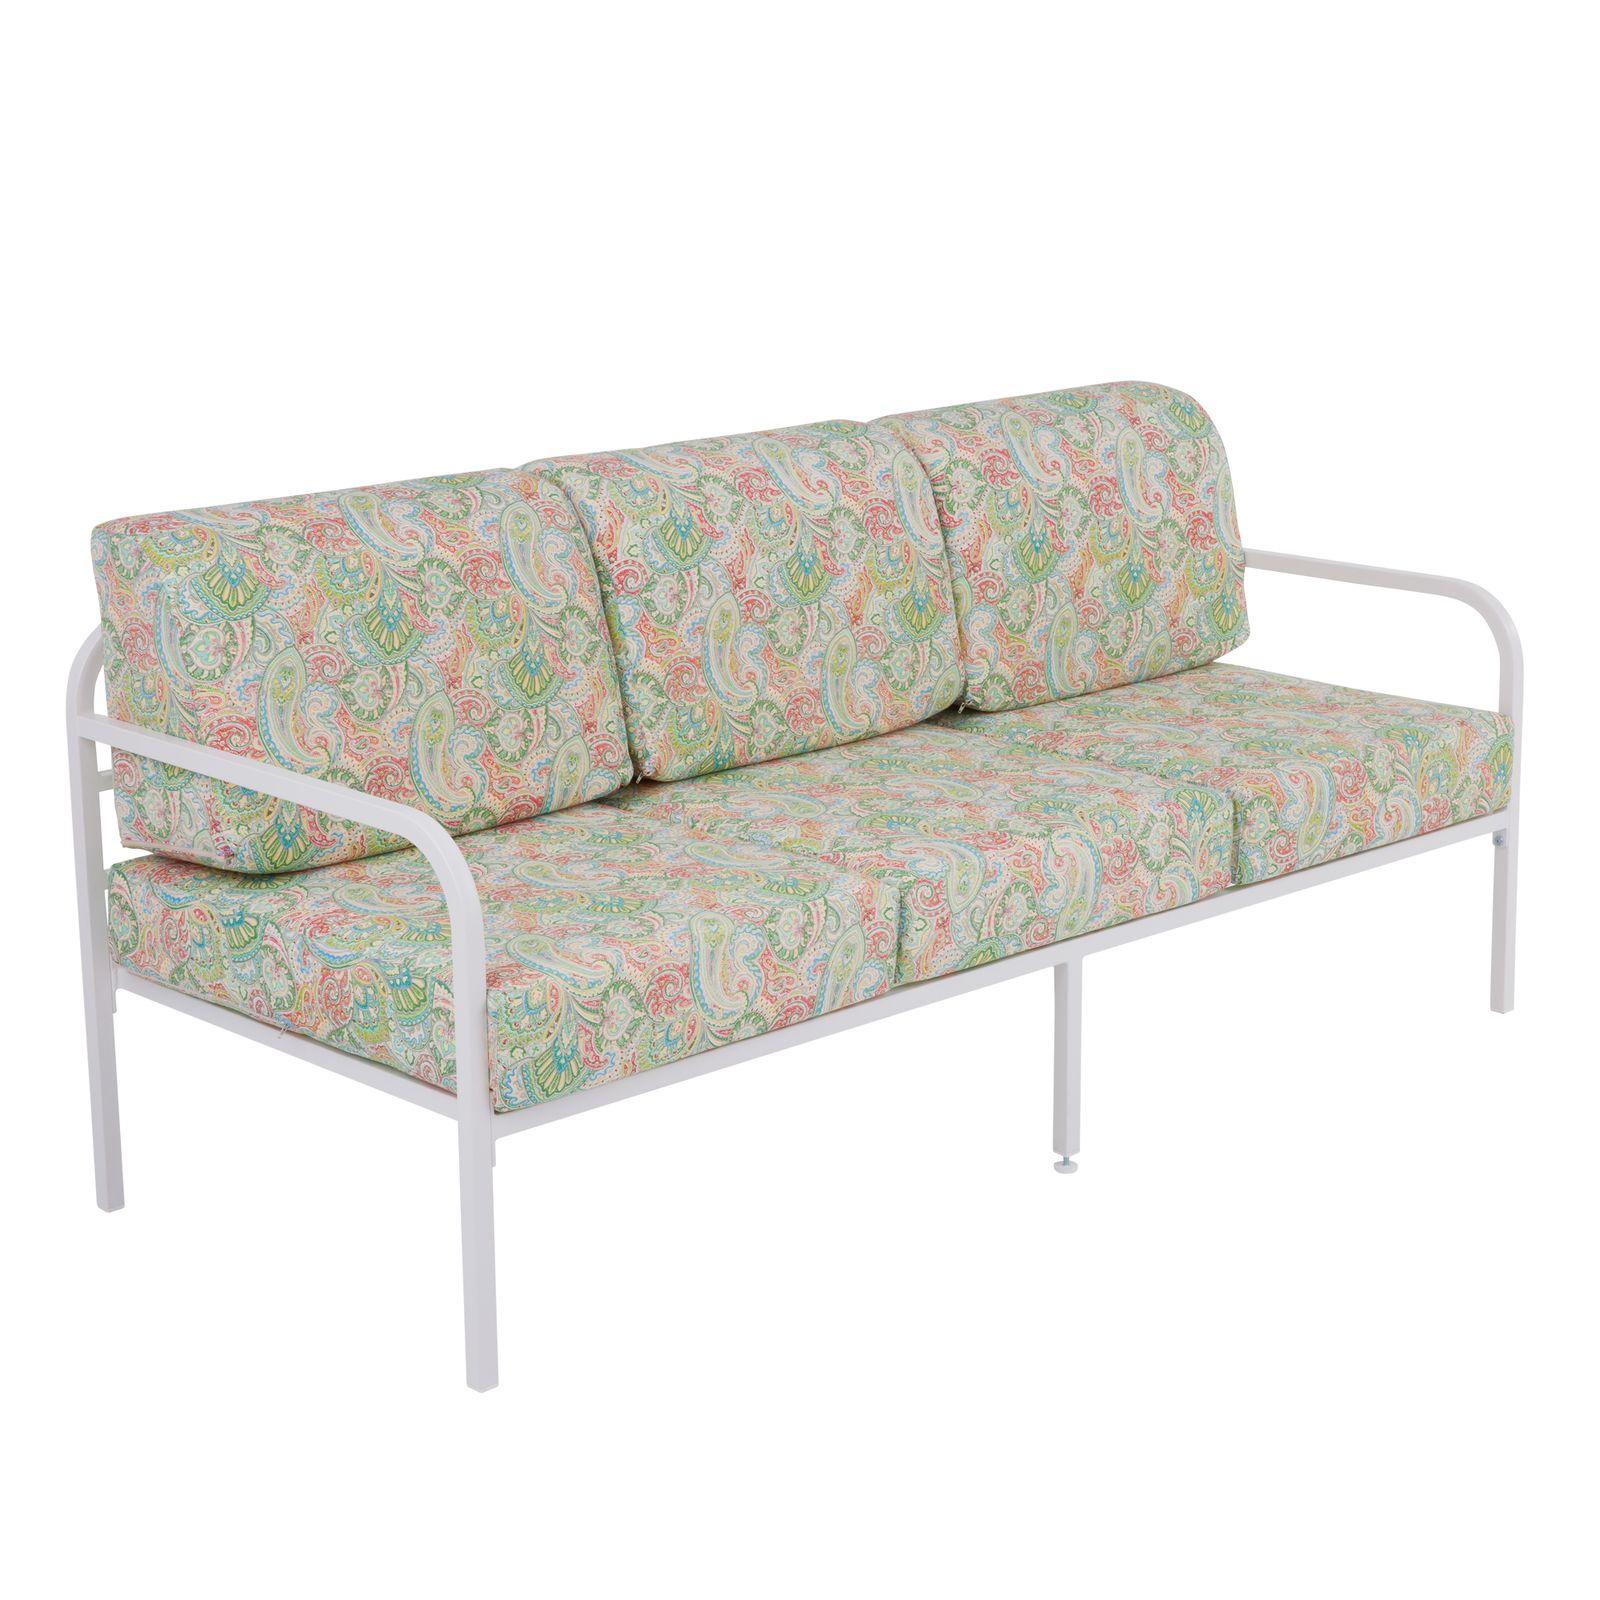 Sofa 3-osobowa Agat 185 x 77 x 74 cm G038-12LB PATIO